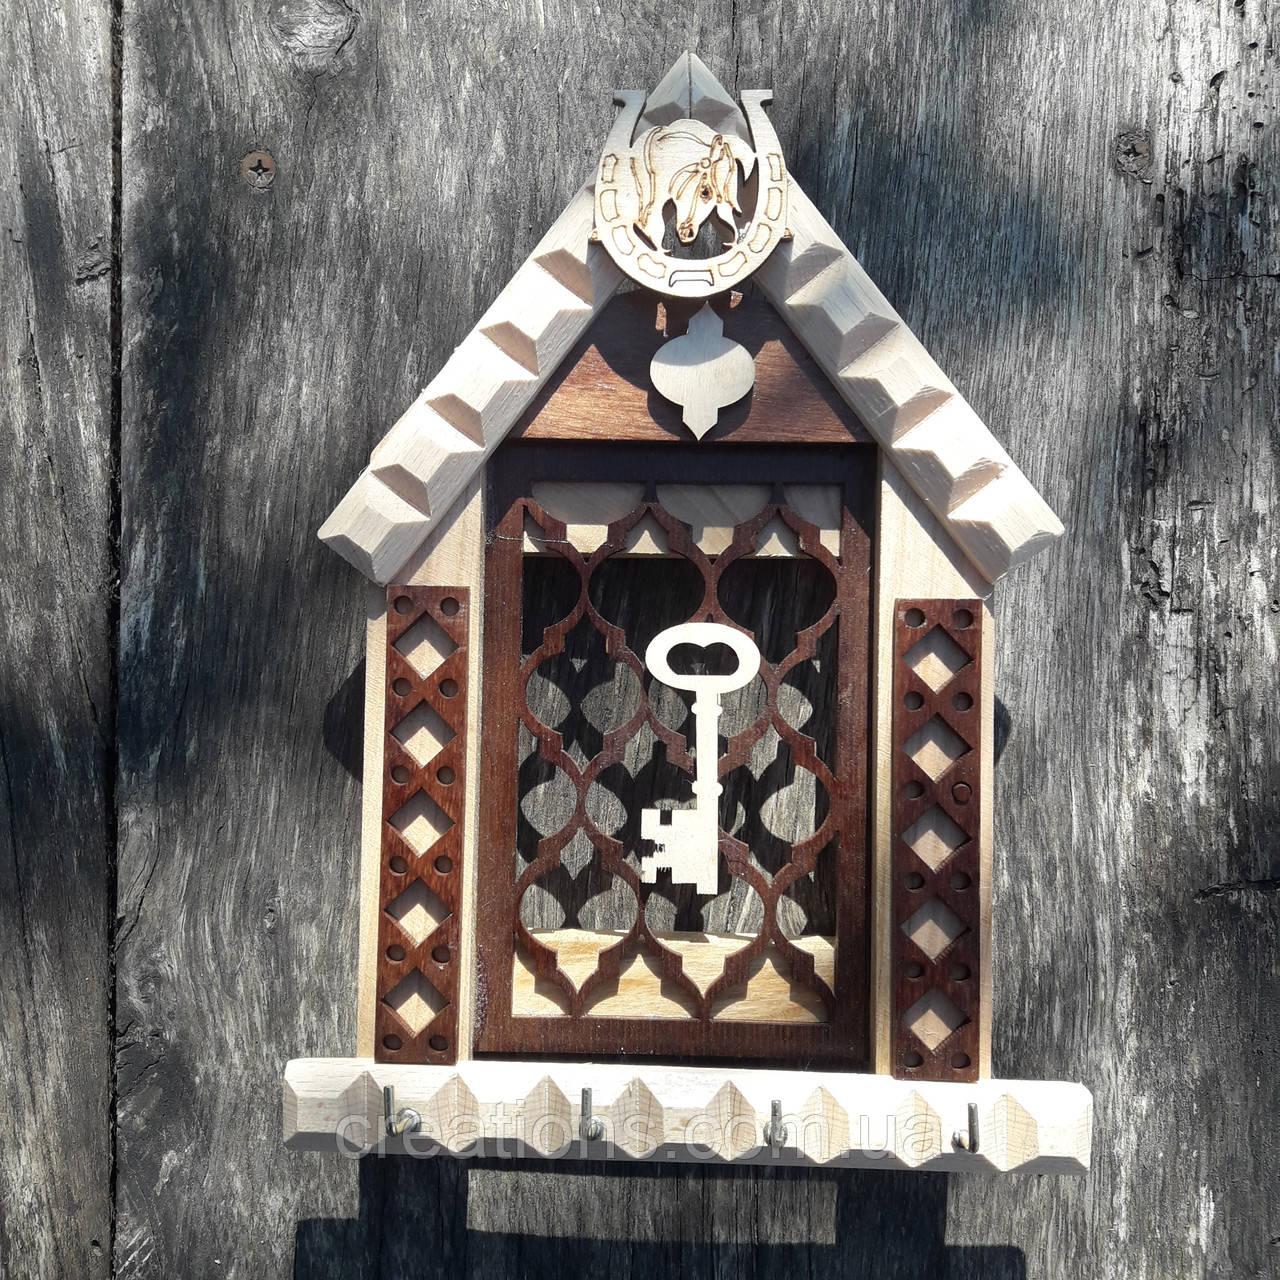 Ключница настенная из дерева на 4 ключа